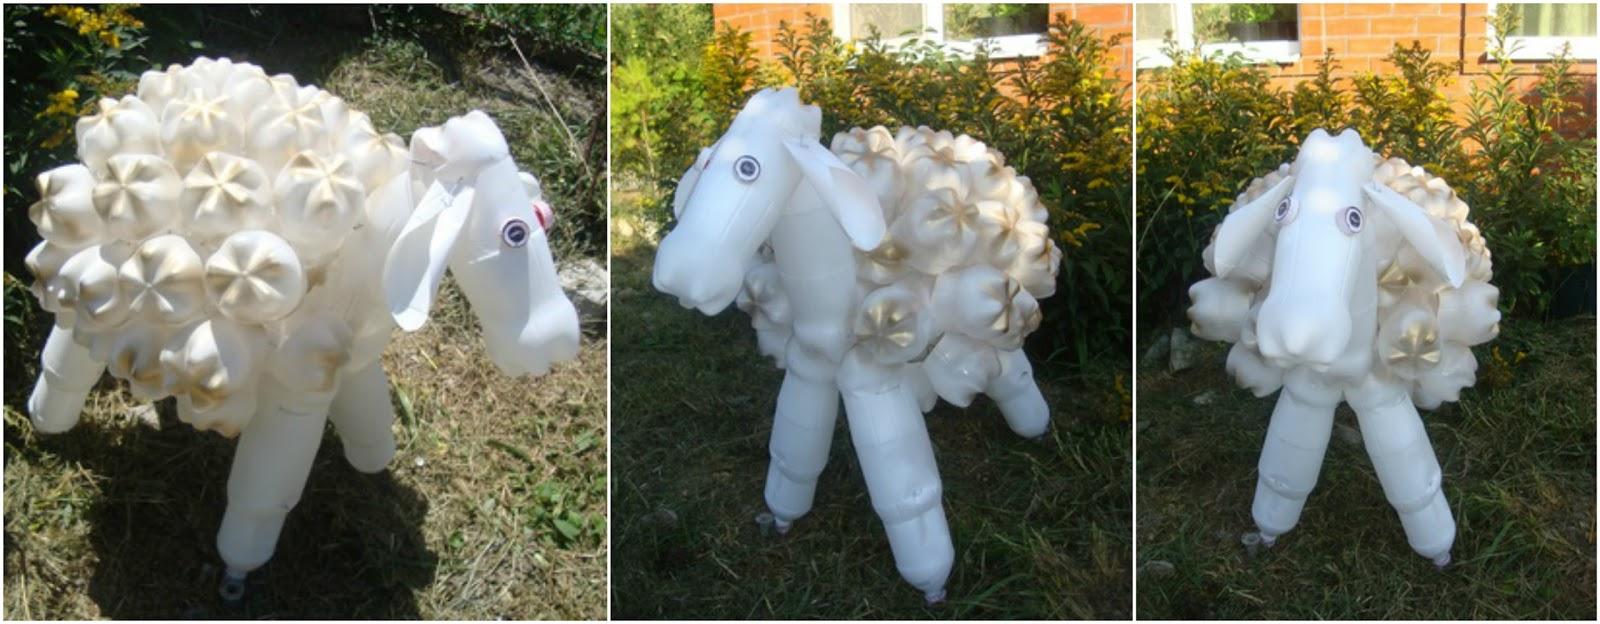 Aprende c mo hacer una oveja con botellas de pl stico - Como hacer una oveja ...